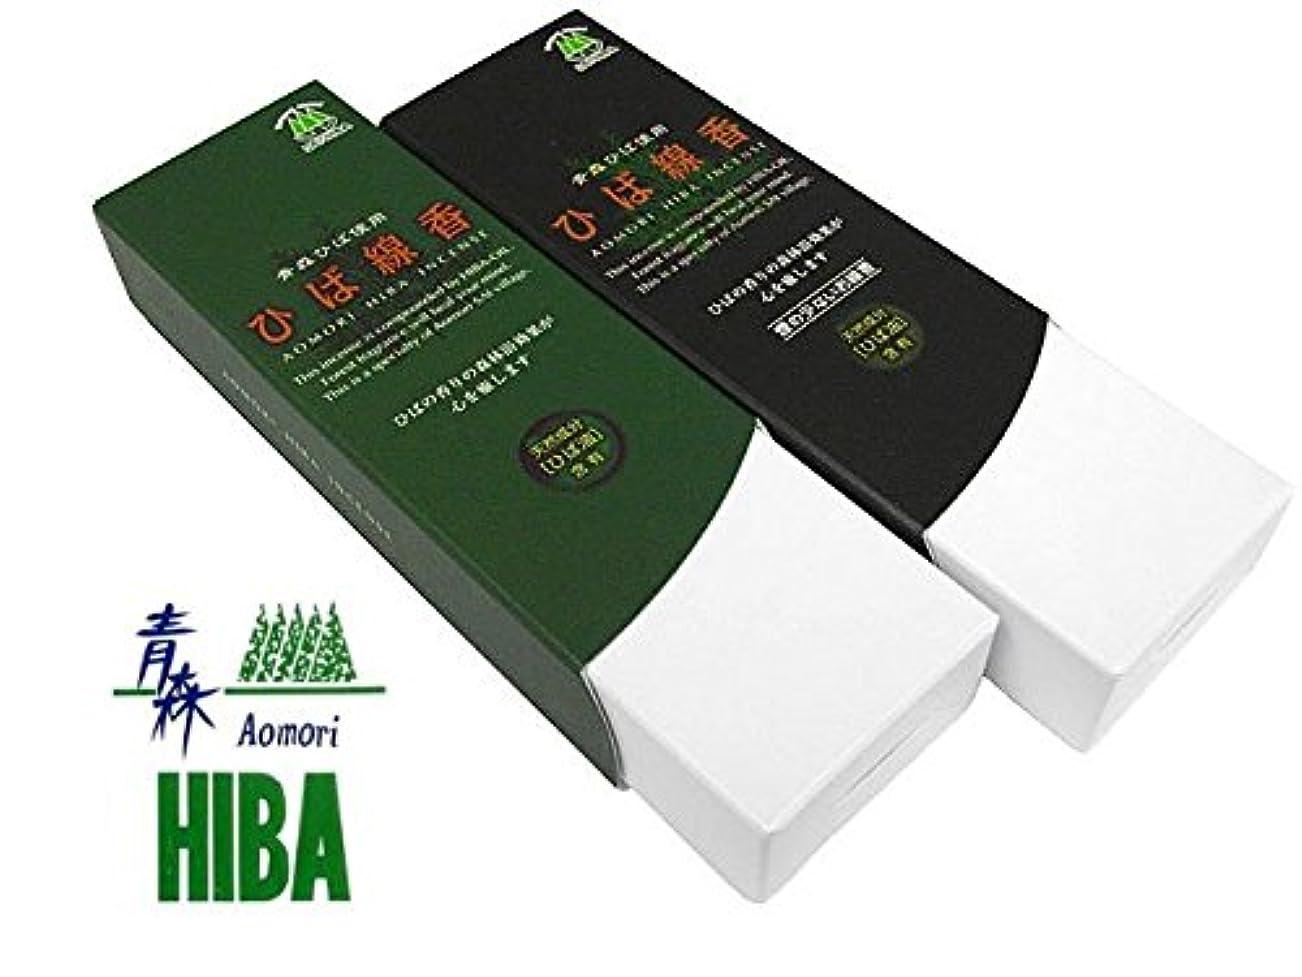 砲兵他のバンドで鳴らす青森ひば 青森ヒバのお 黒と緑のお手軽サイズ2箱セット 天然ひば製油配合の清々しい木の香り